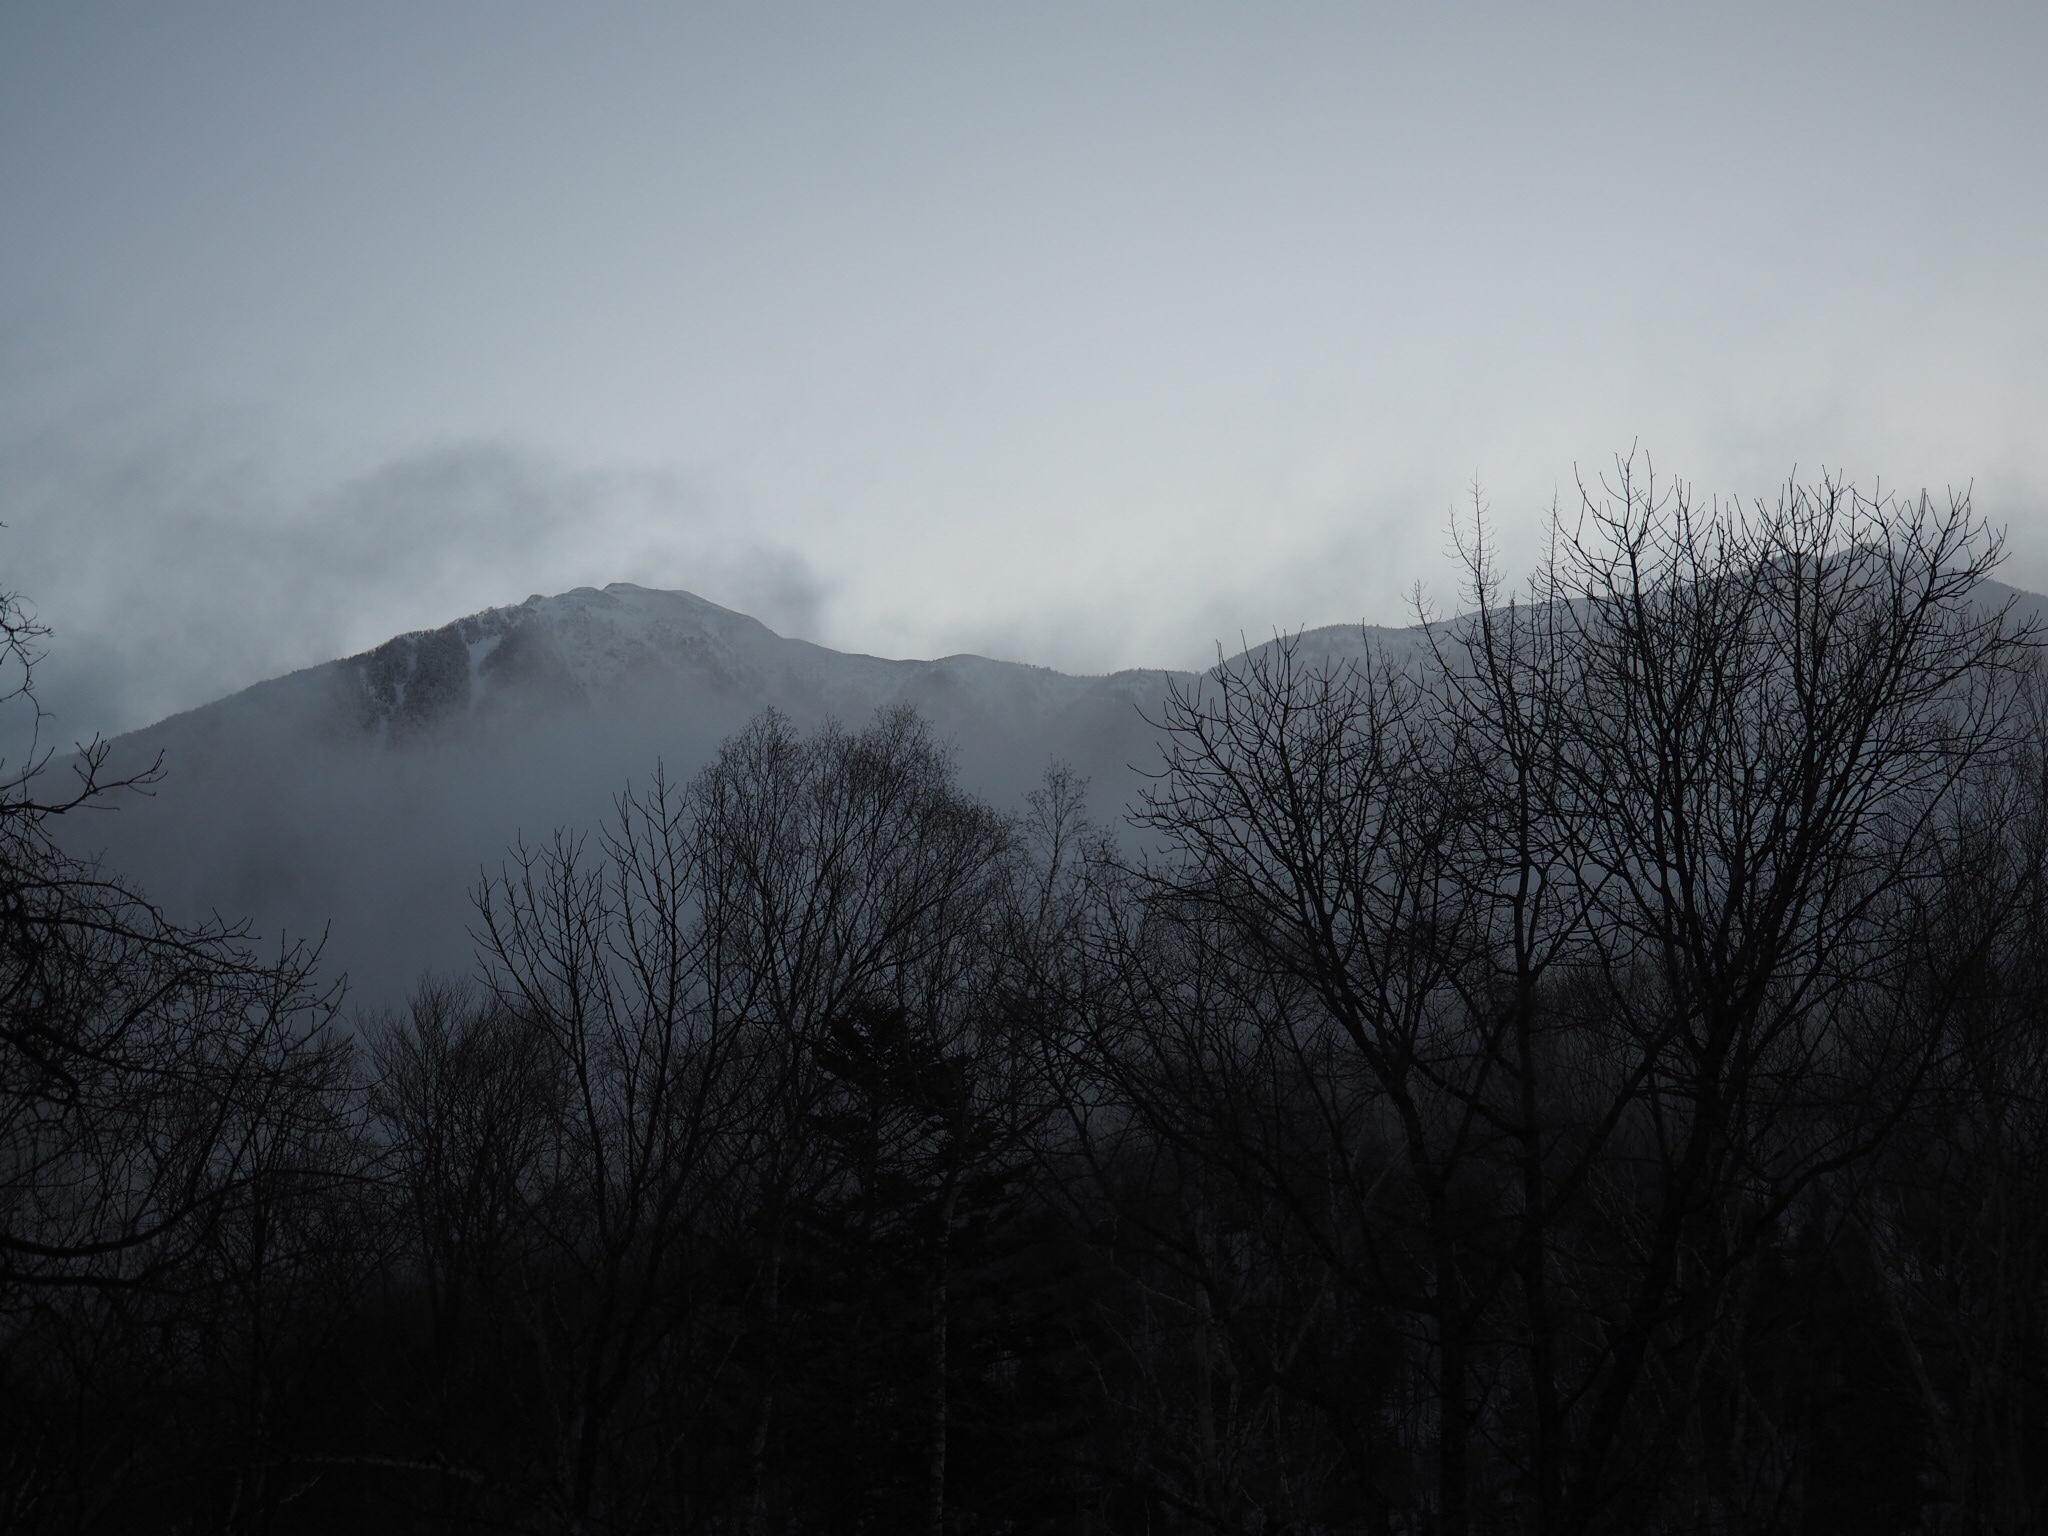 なり よう 山際 白く よう ゆく